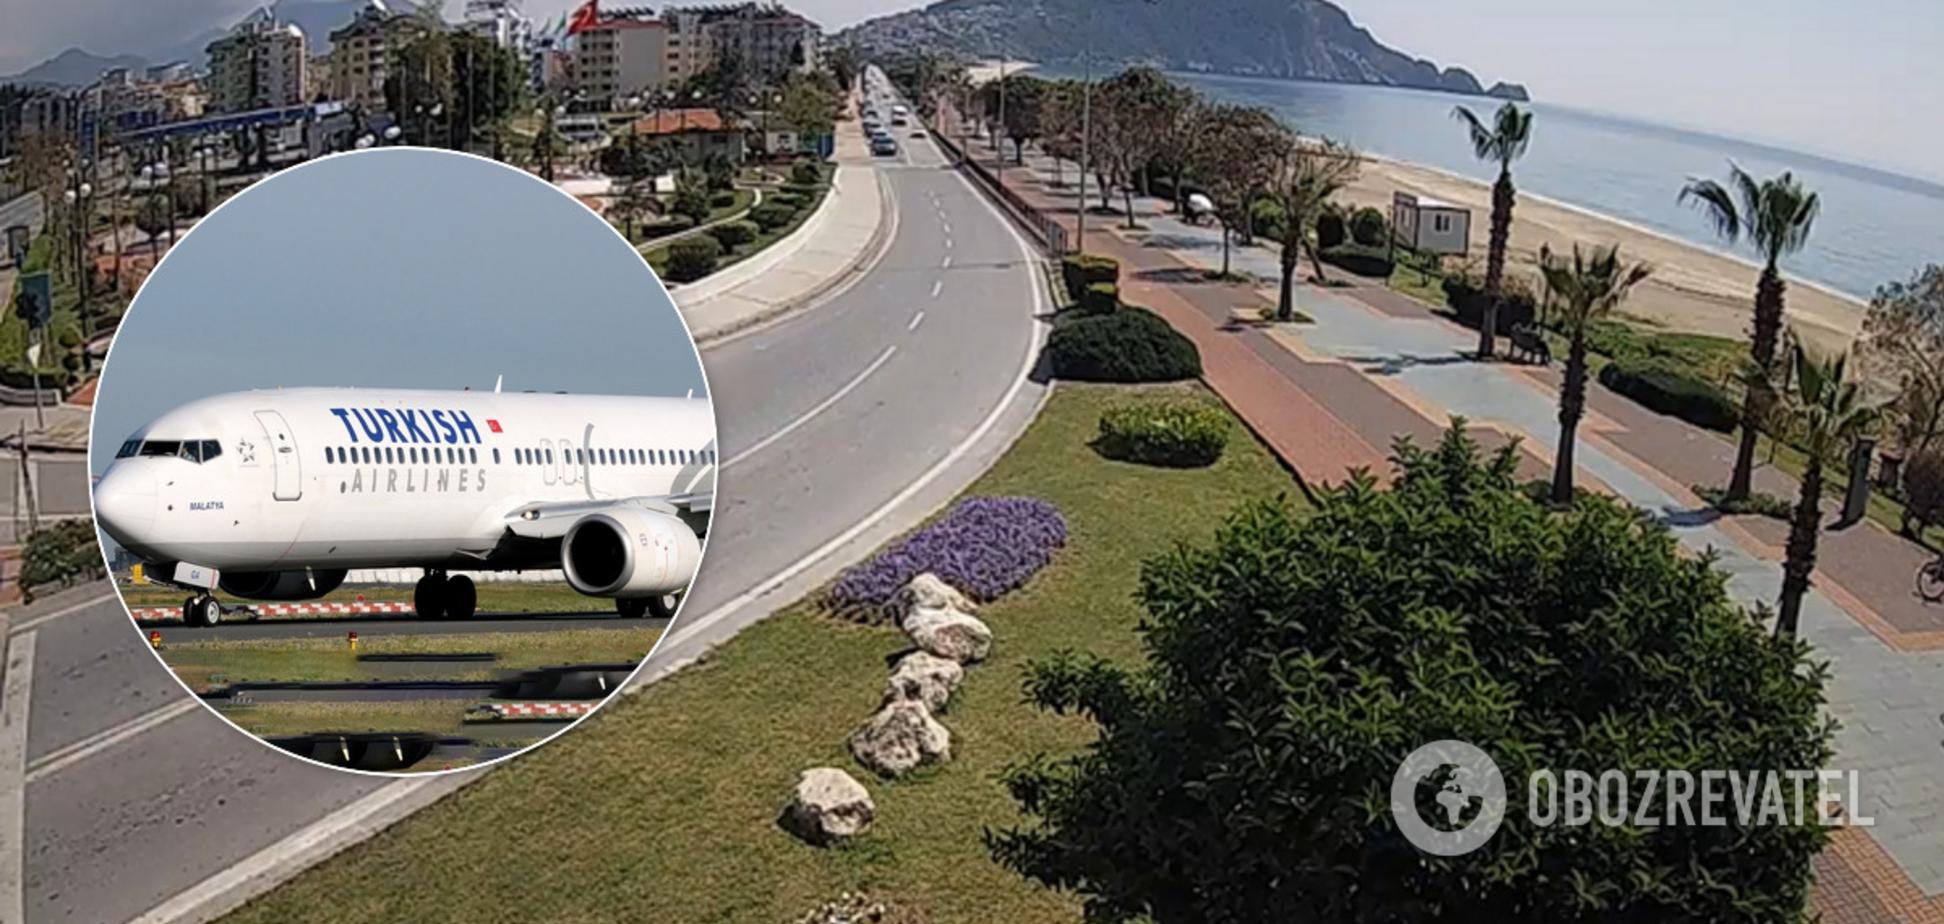 Когда Турцию откроют для туристов: названы неожиданные сроки